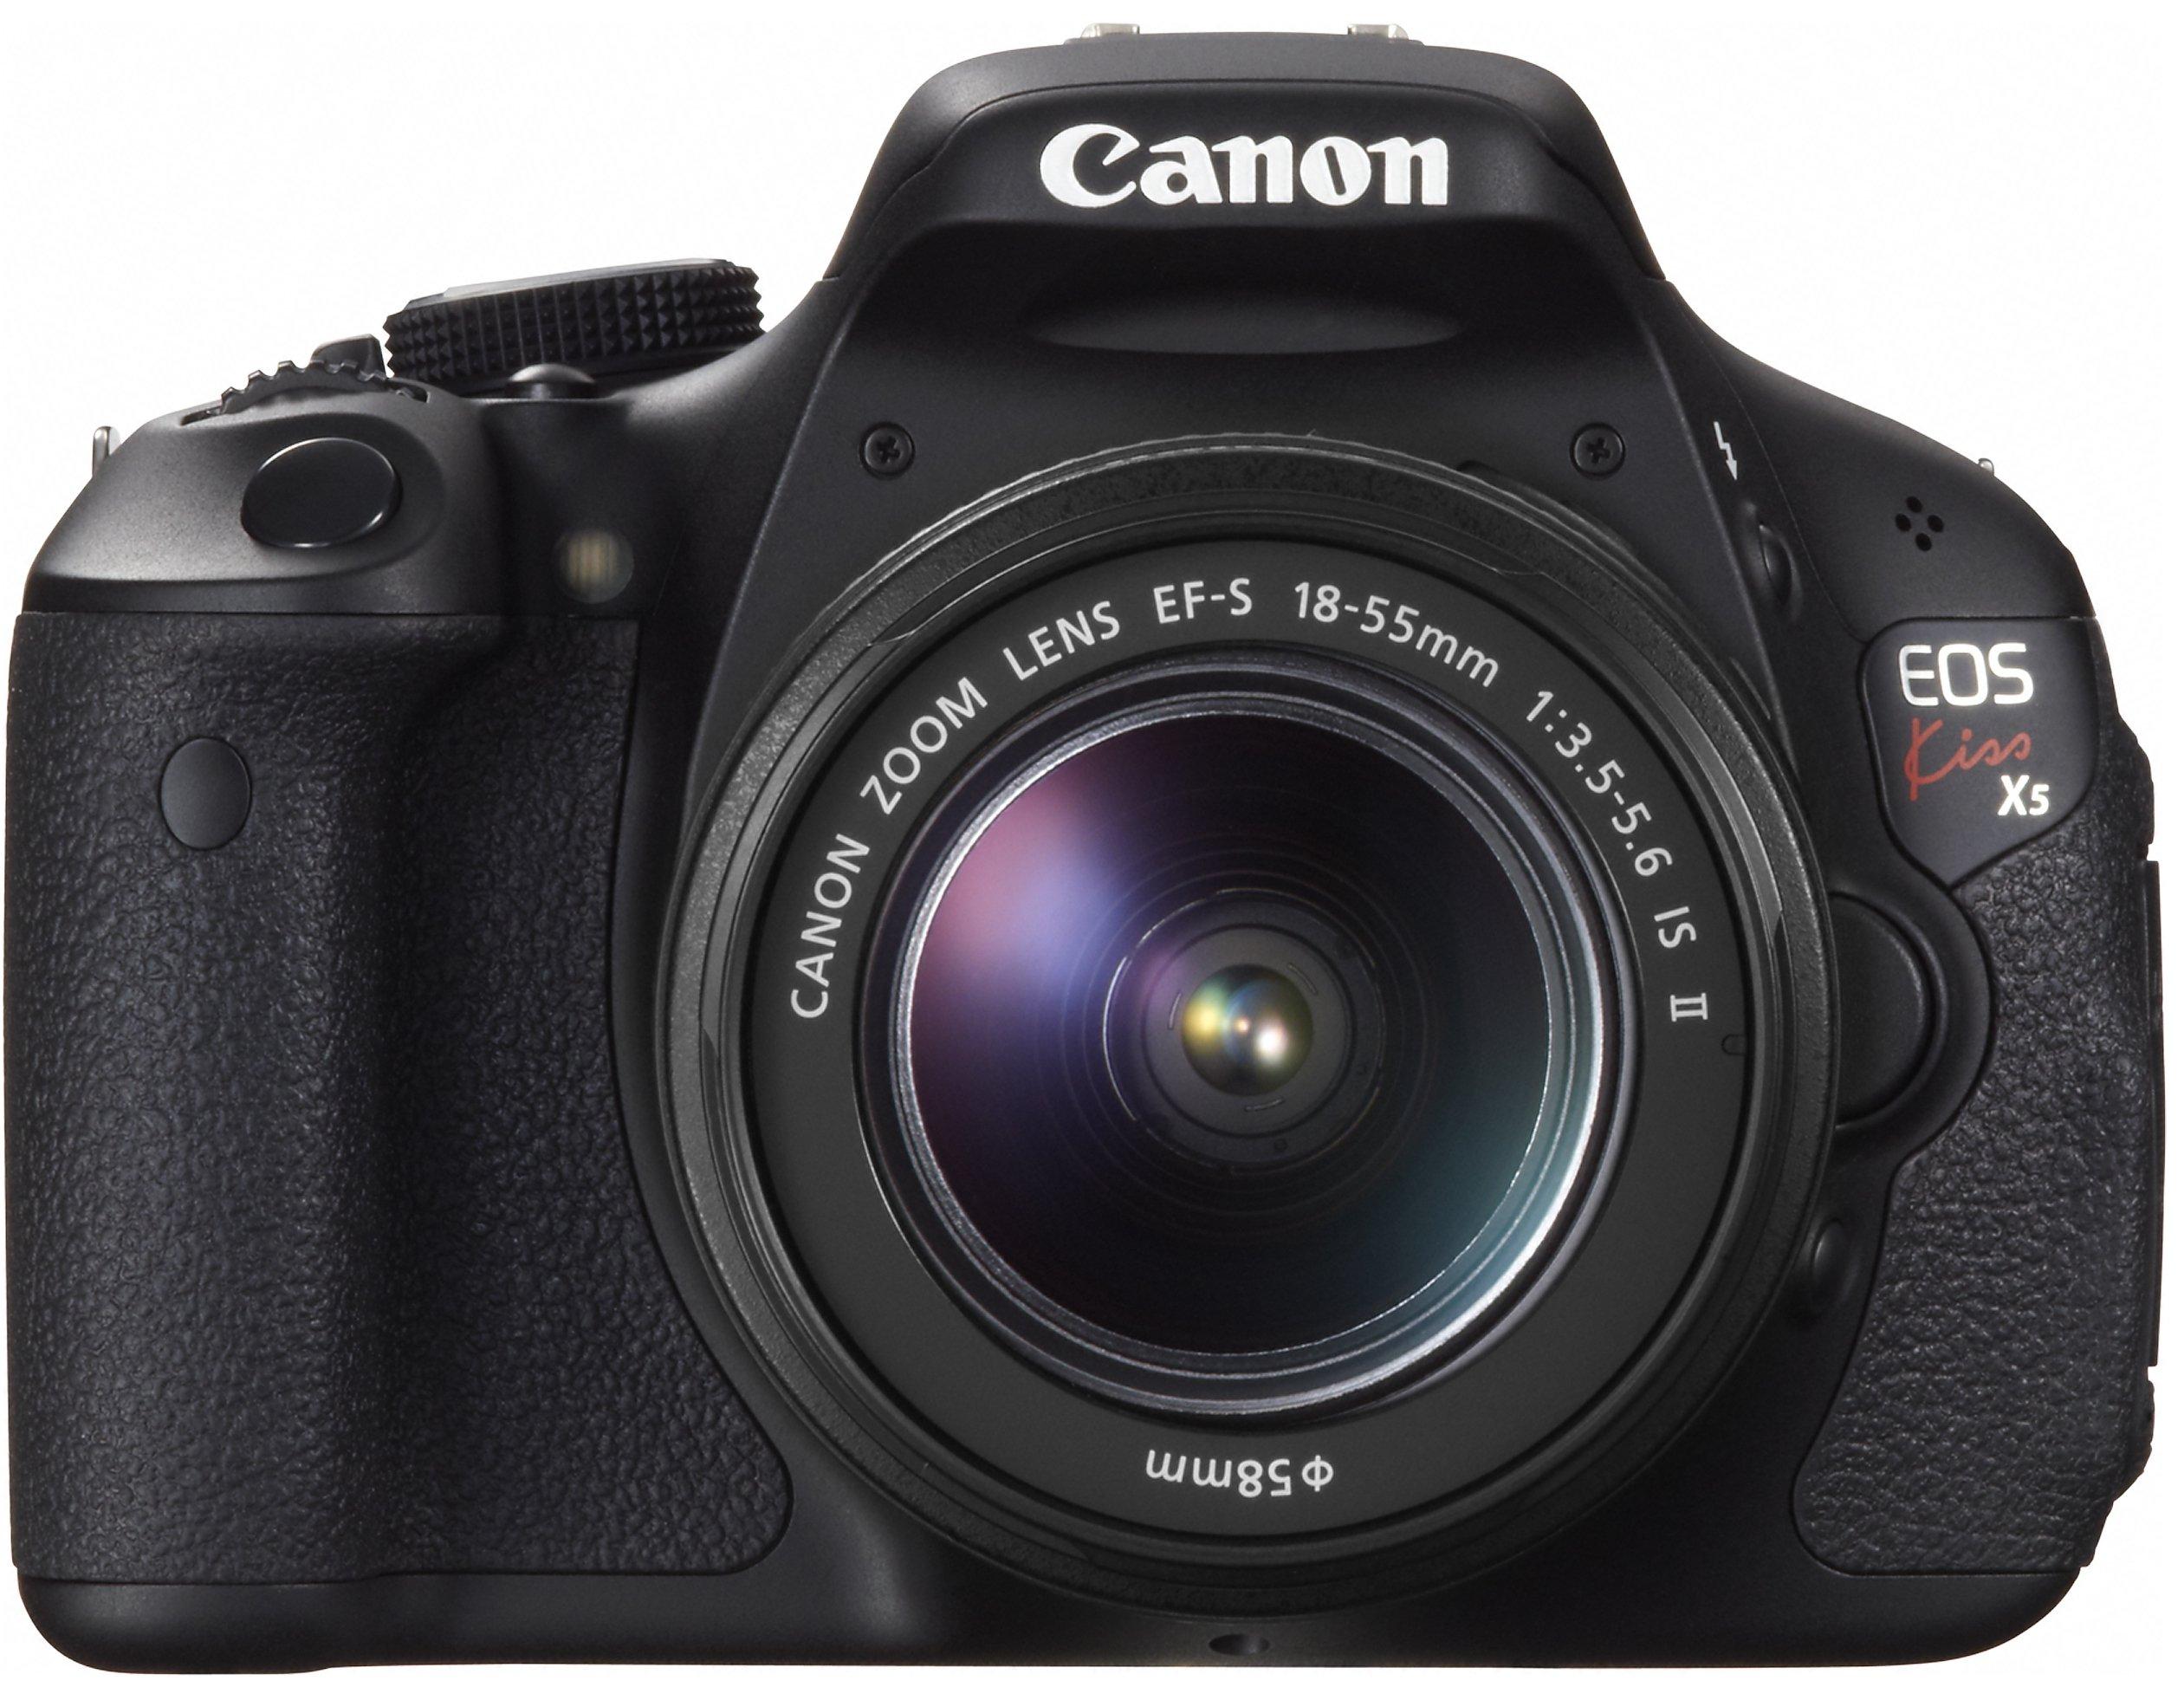 Canon デジタル一眼レフカメラ EOS Kiss X5 レンズキット EF-S18-55mm F3.5-5.6 IS II付属 KISSX5-1855IS2LK product image